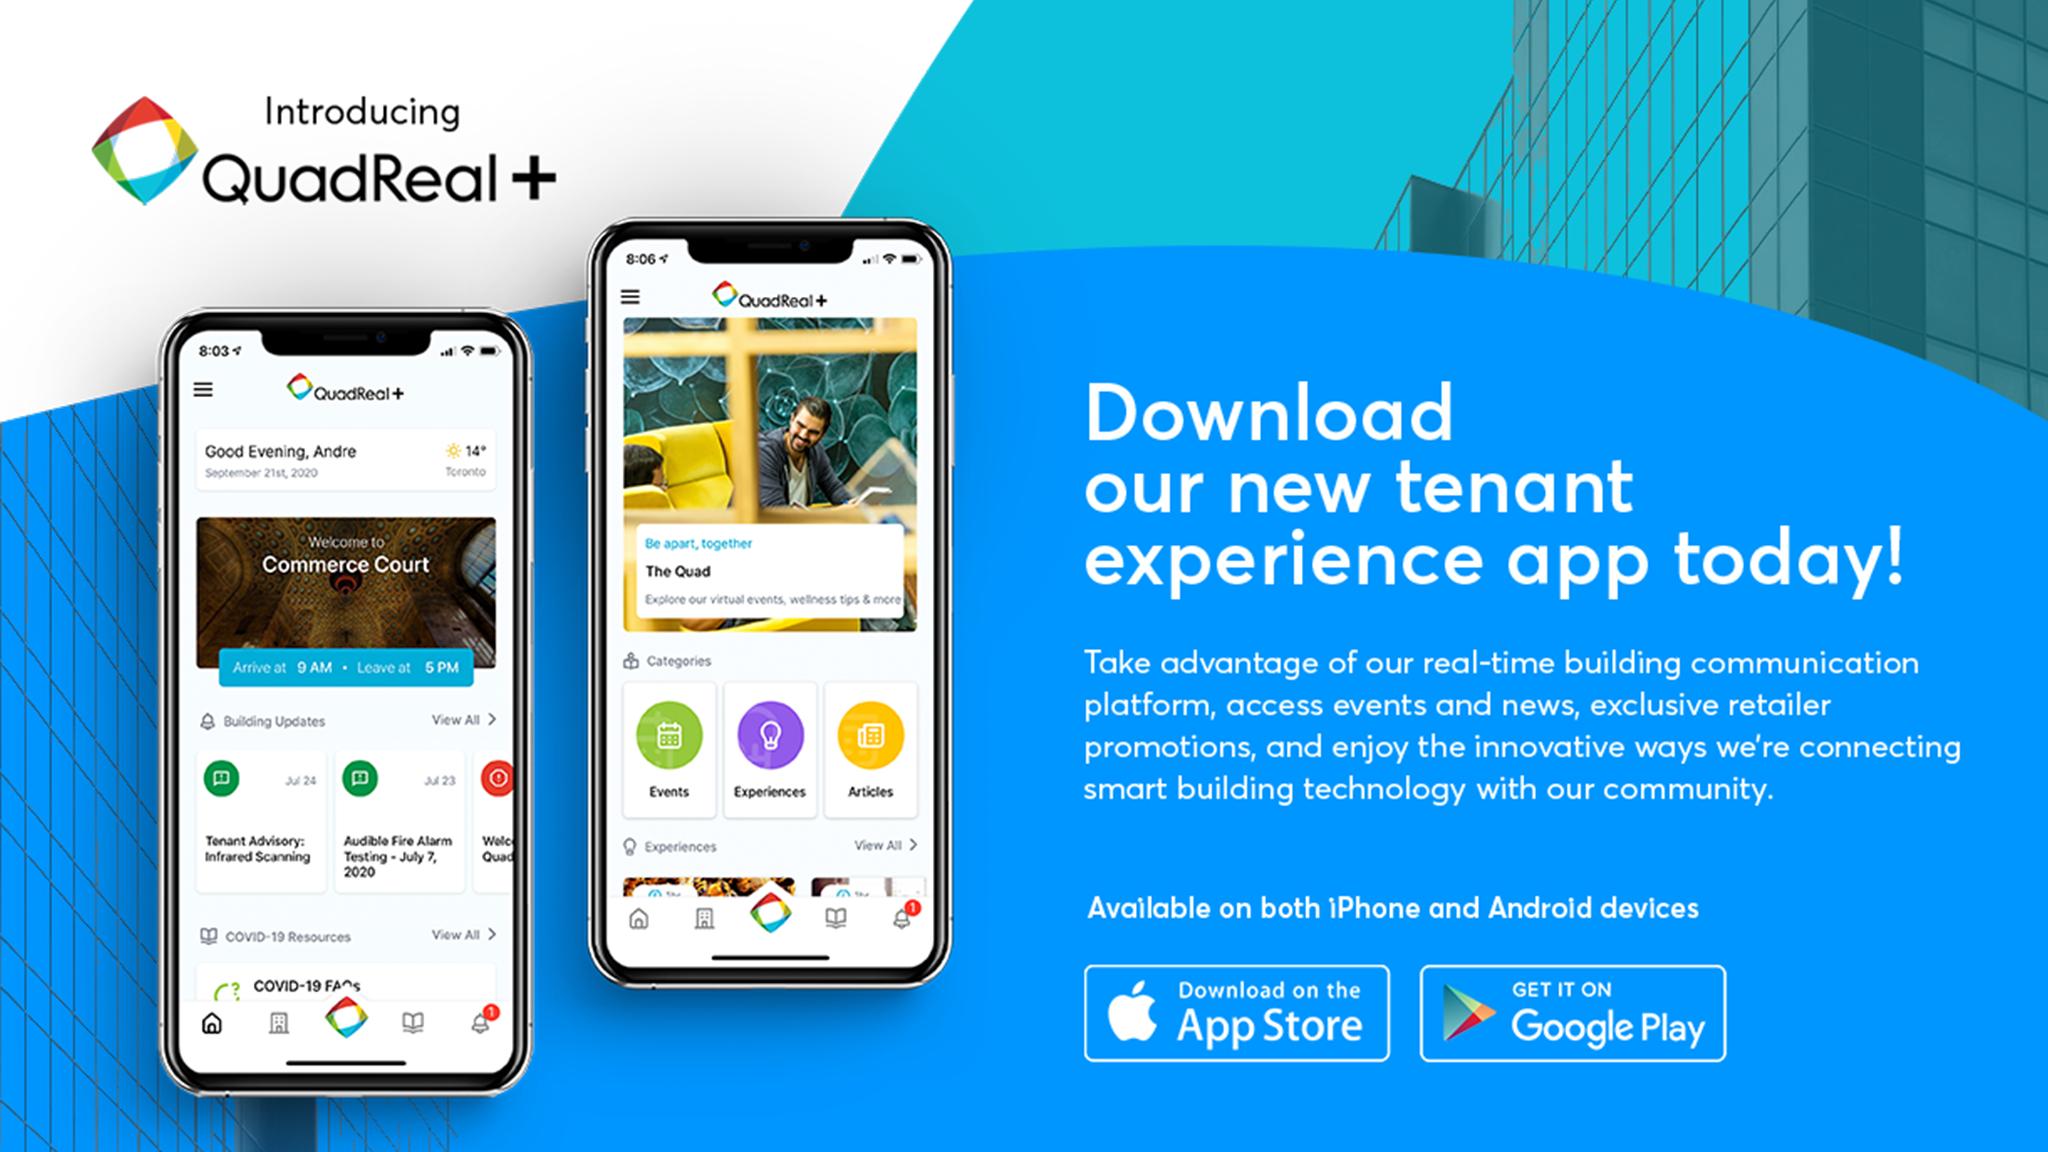 QuadReal + App